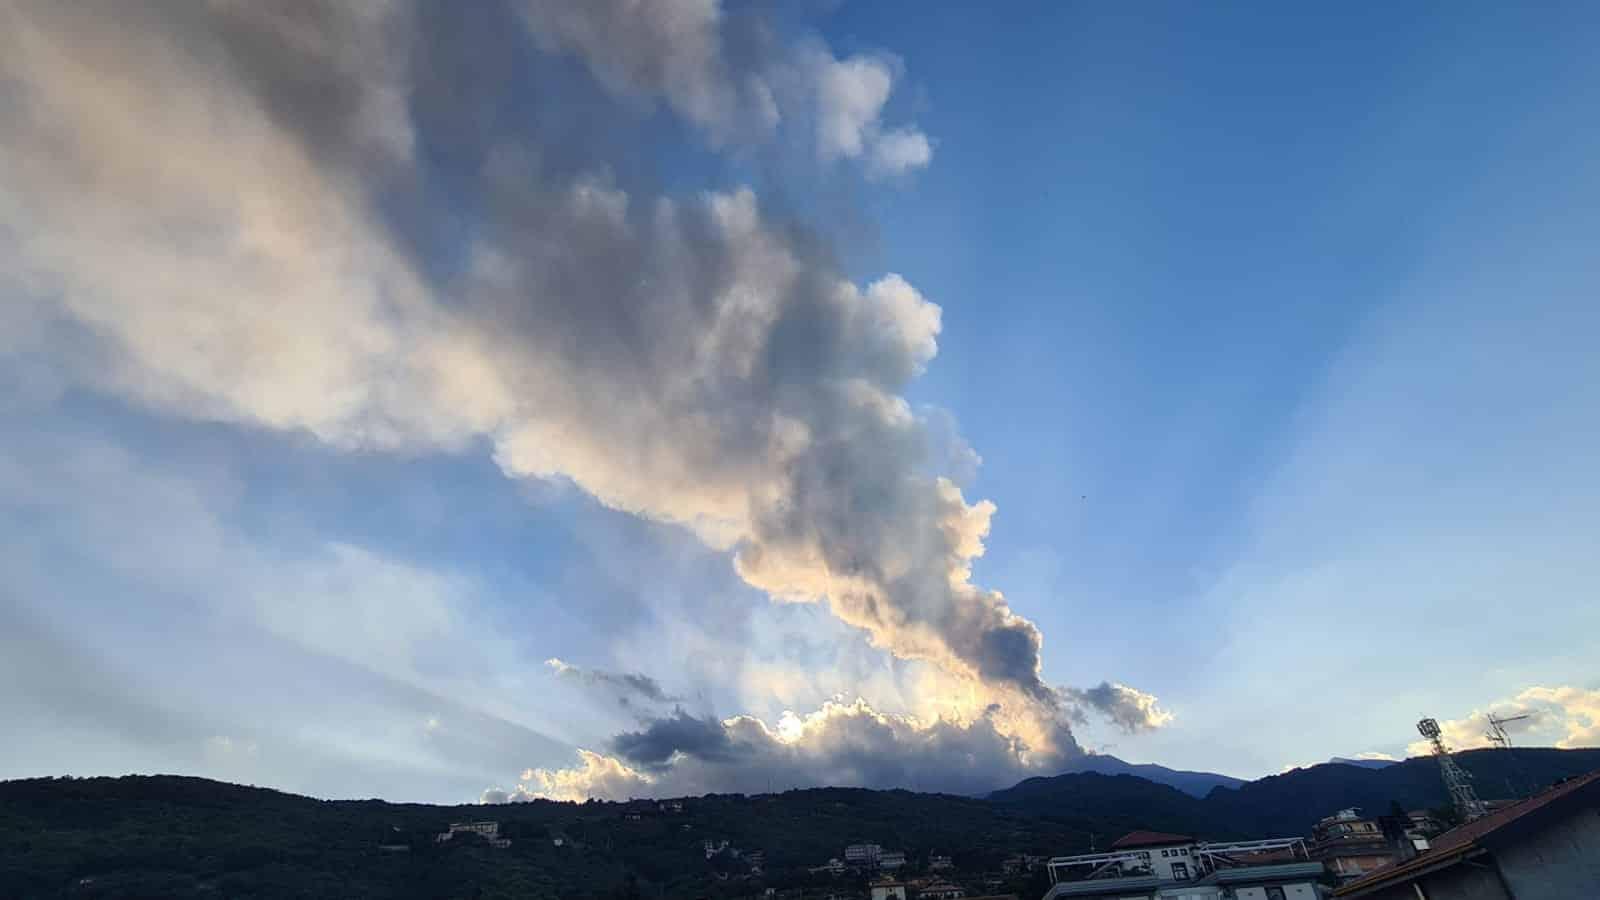 Etna, cenere vulcanica lungo le strade di Catania: il Comune raccomanda la massima prudenza